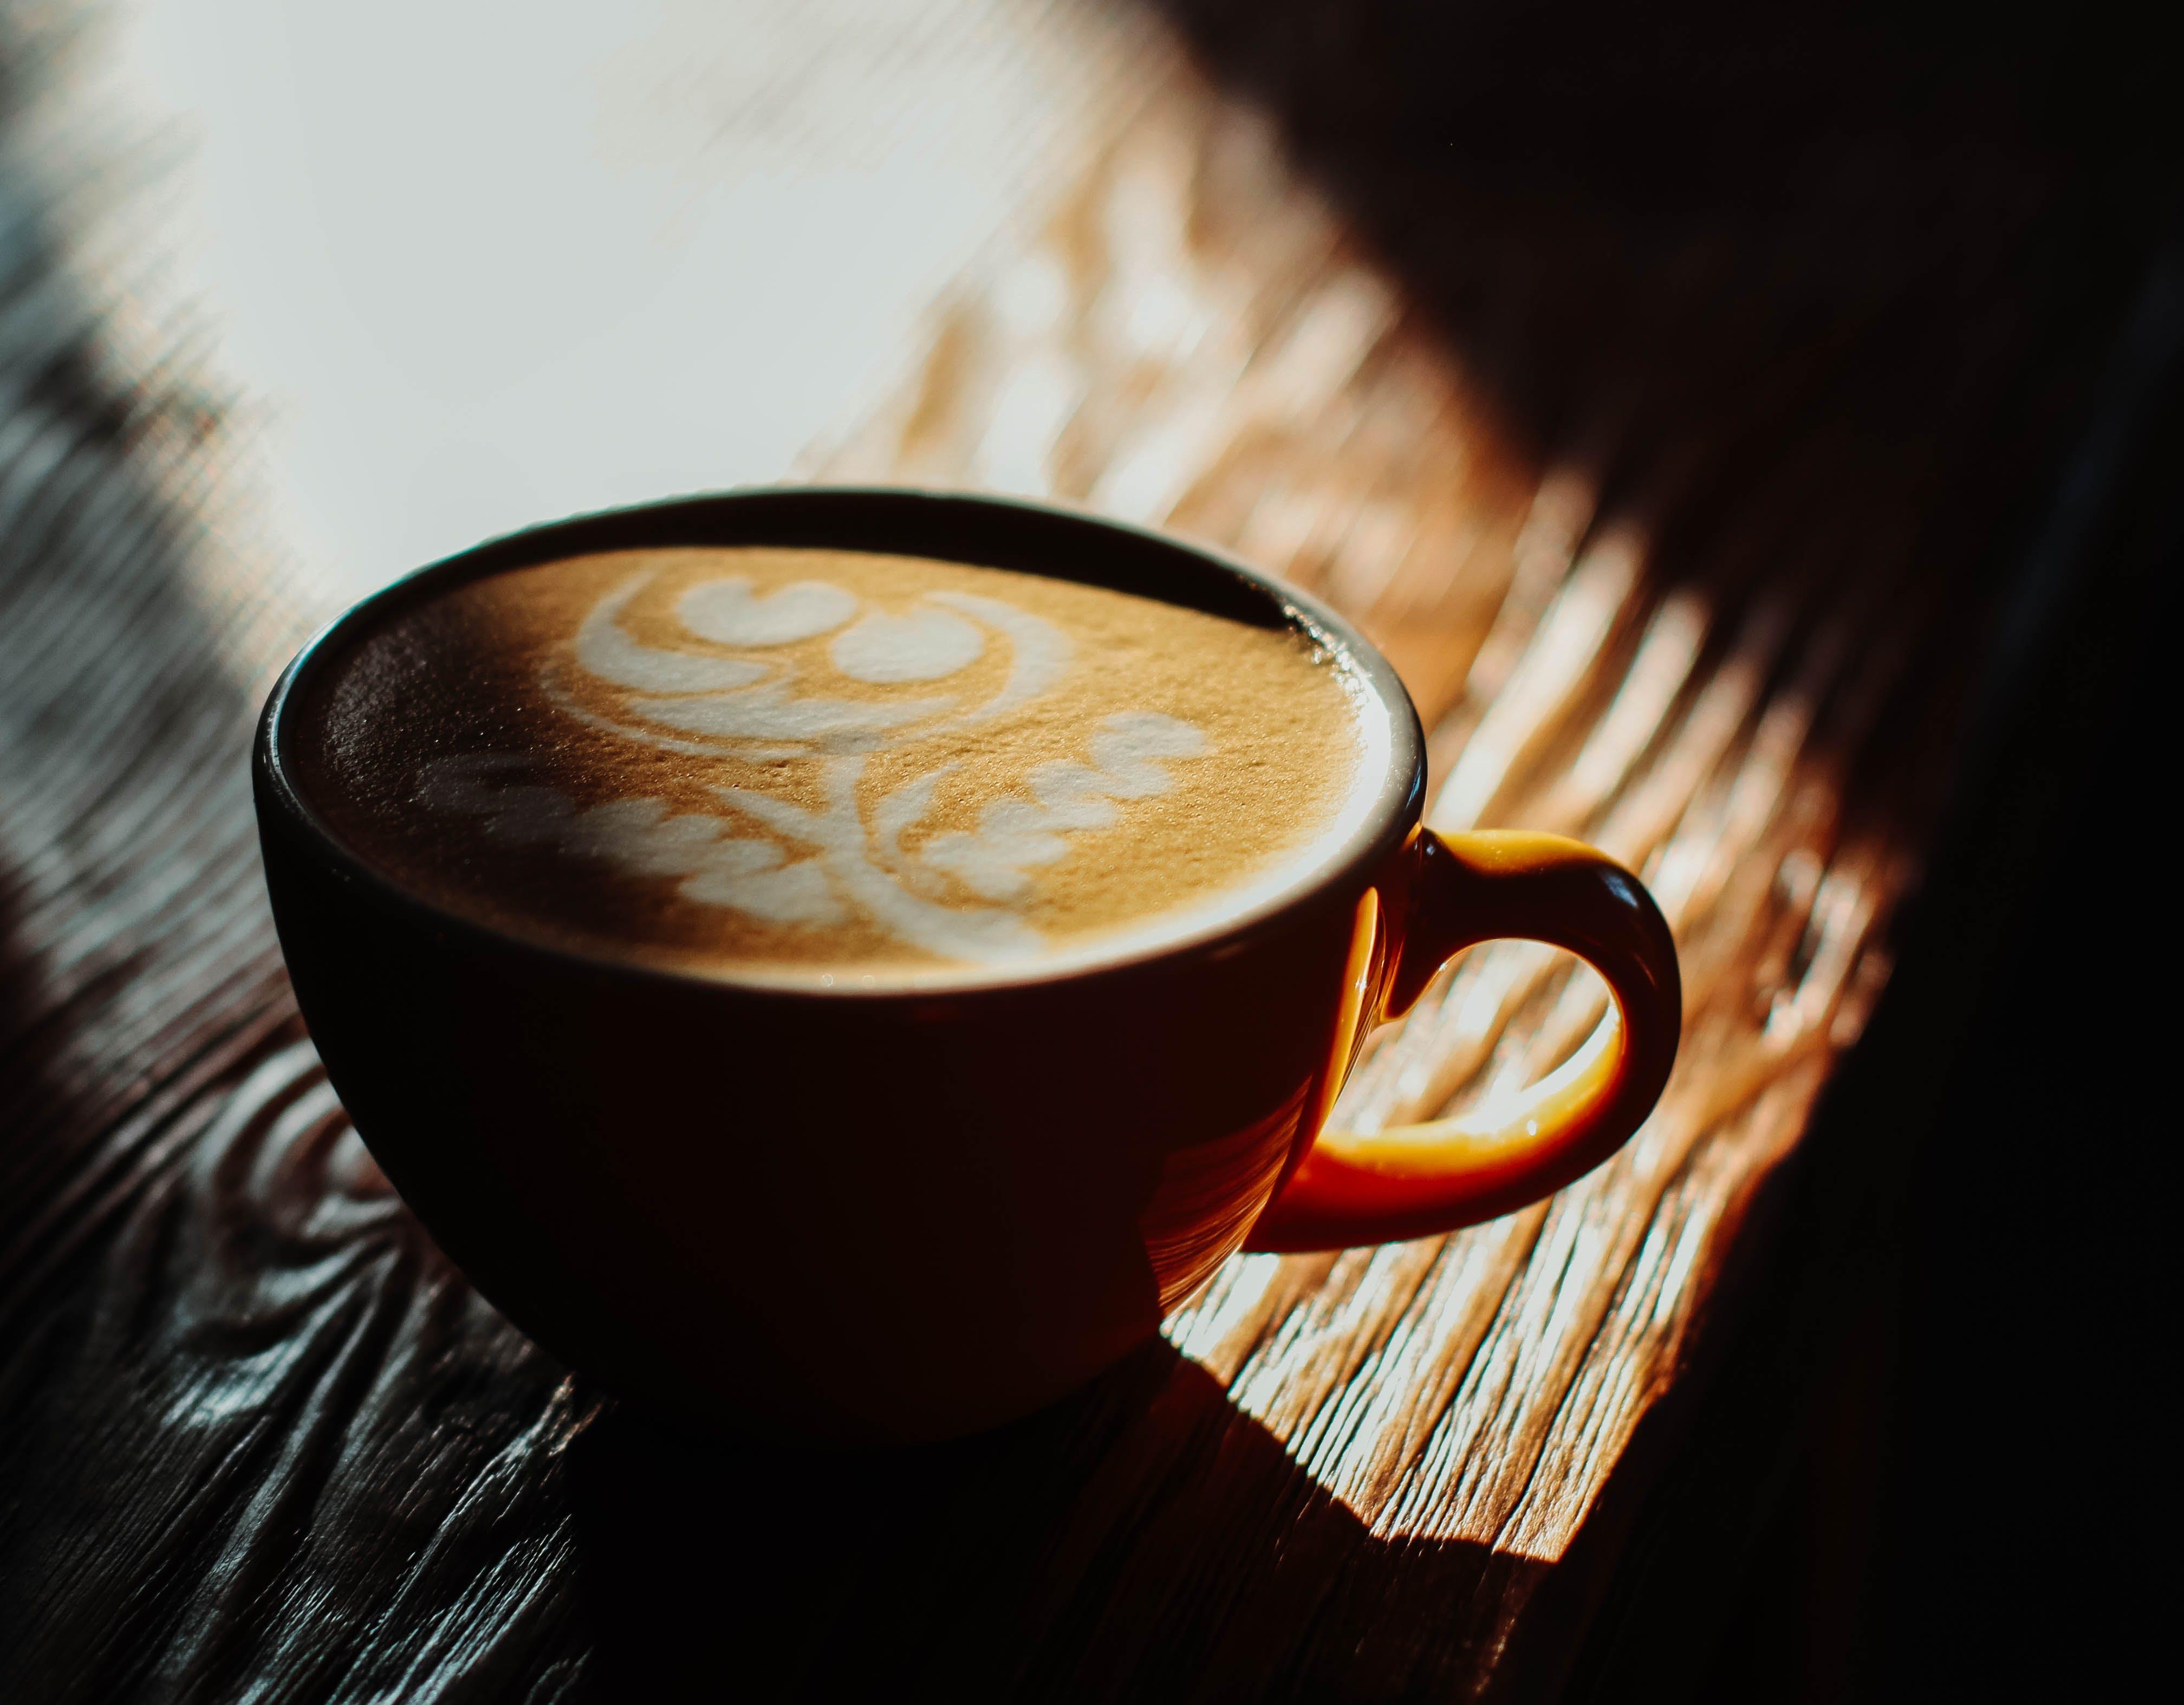 Ảnh lưu trữ miễn phí về cà phê, cà phê cappuccino, cà phê espresso, cafein